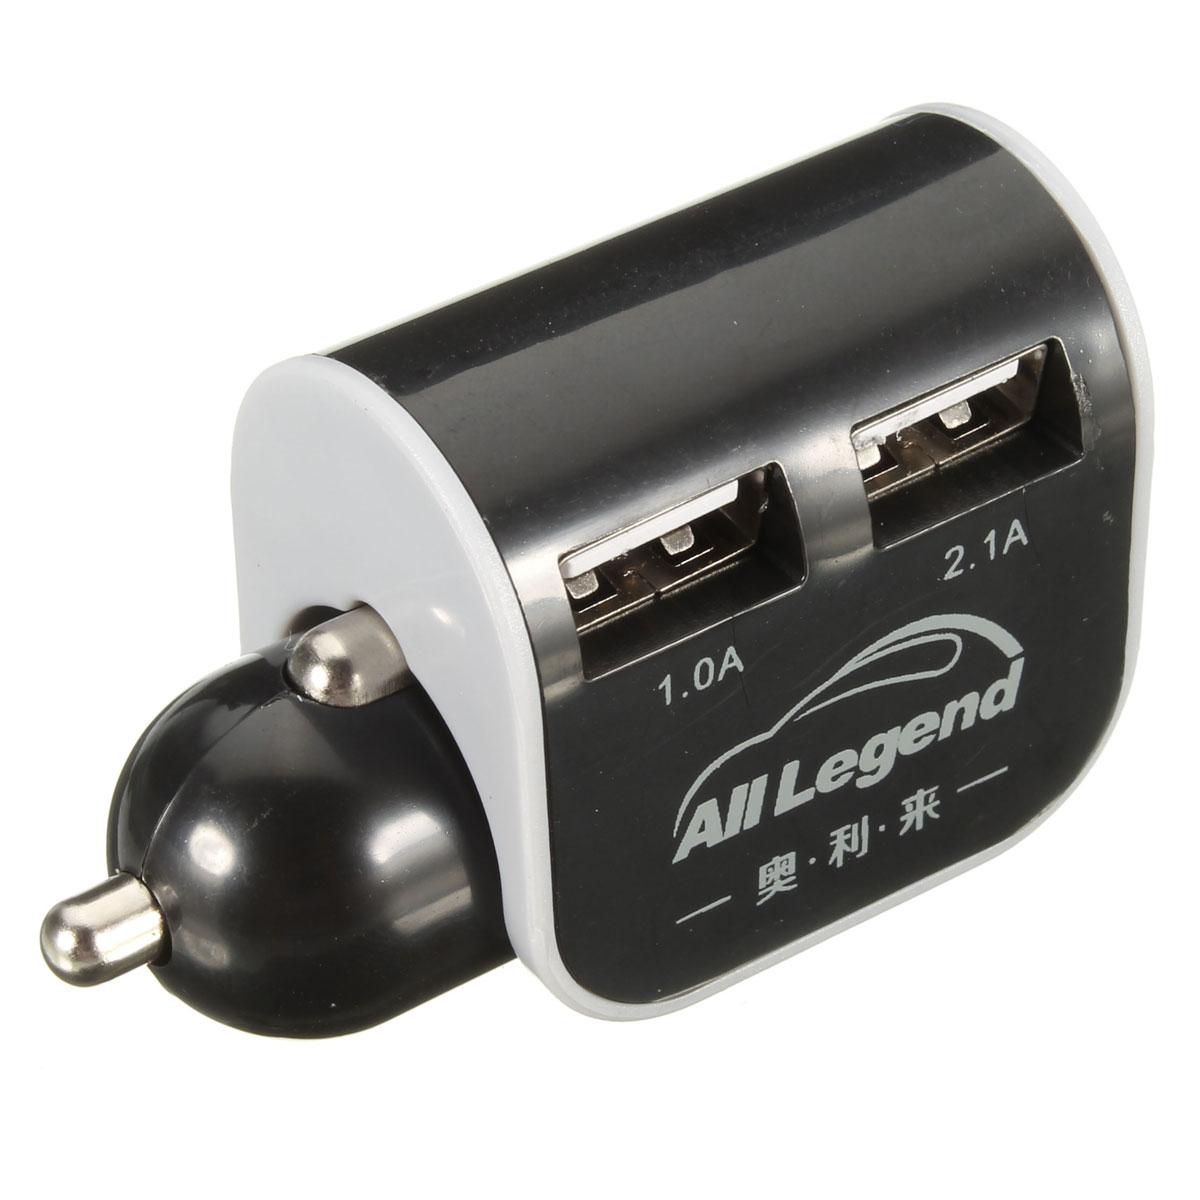 Зарядные устройства Адаптер автомобильного зарядного устройства на 2 USB порта 1.0A / 2.1A для смартфонов (Фото 4)